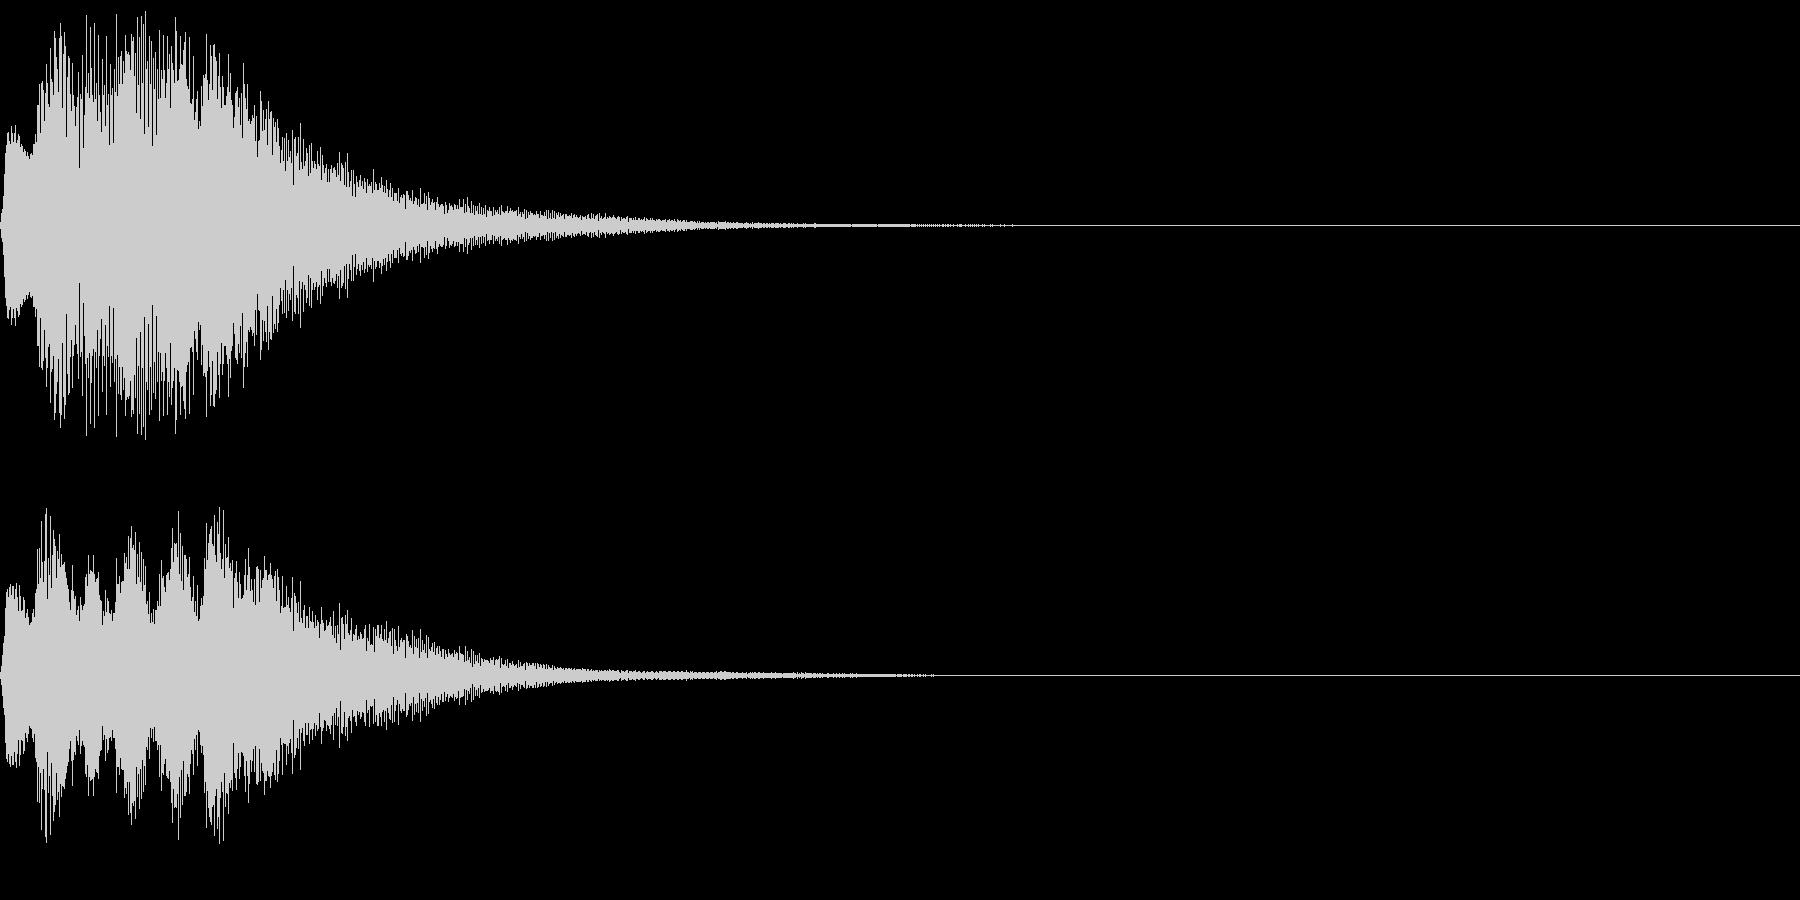 理科 化学 実験 変化 不思議 10の未再生の波形